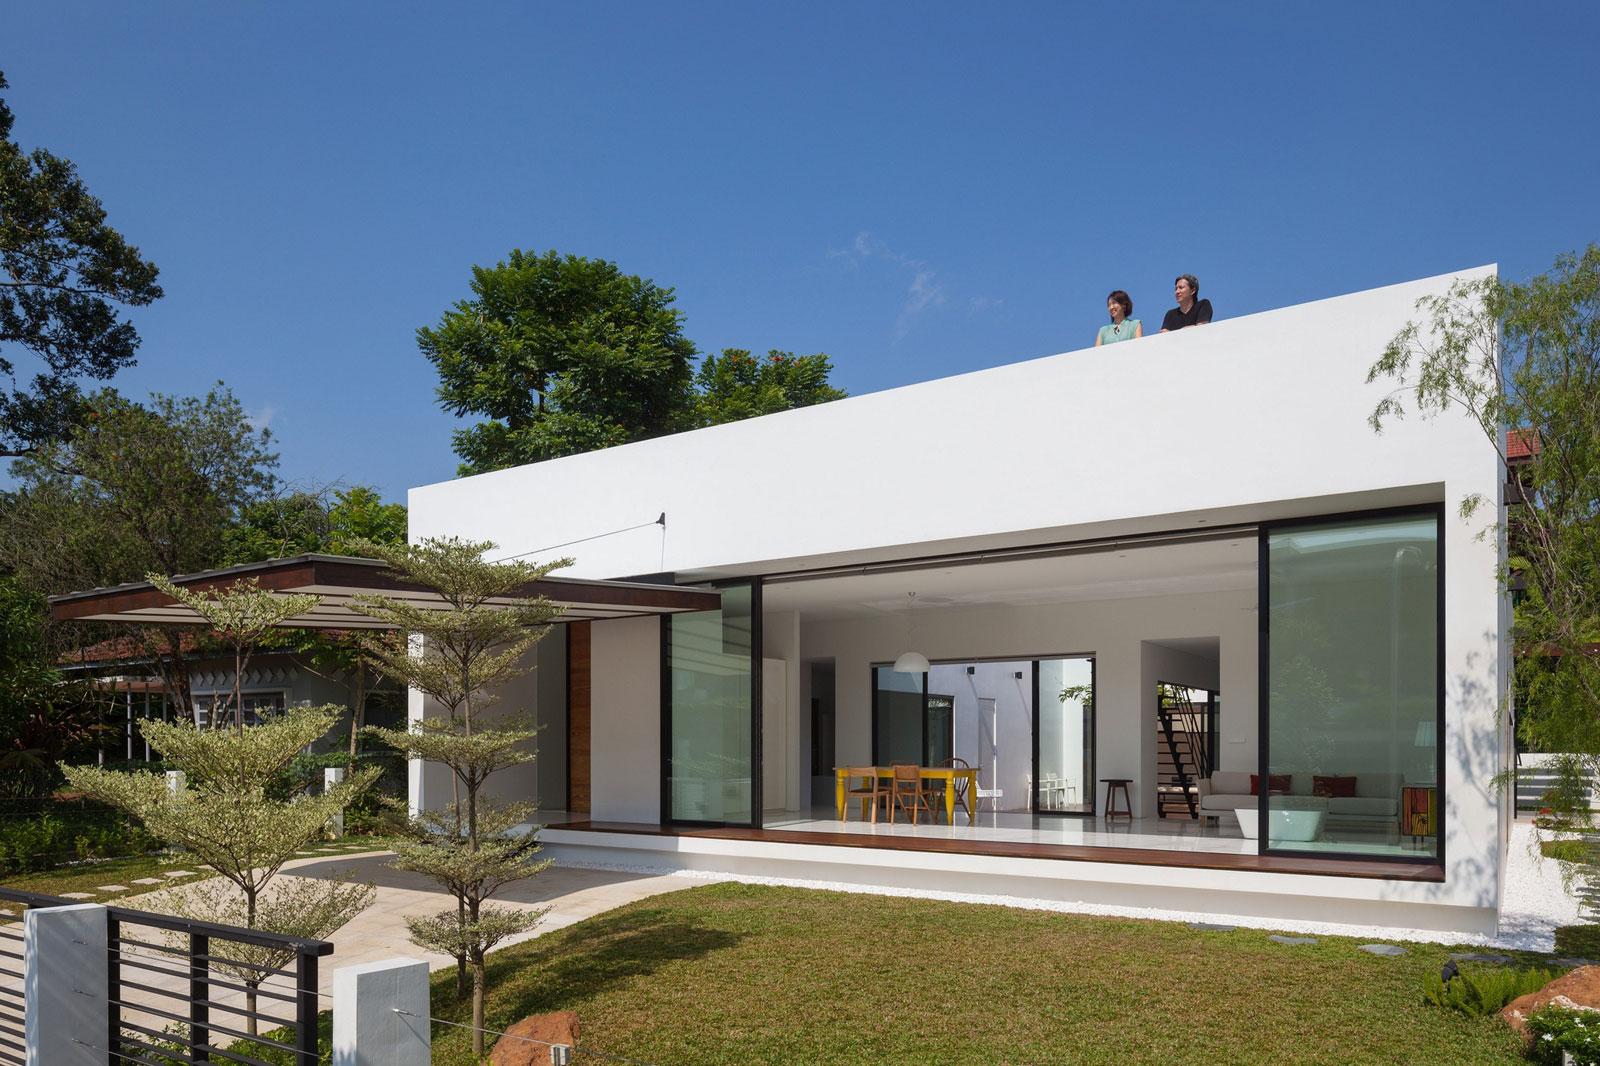 Modelos de casas dise os de casas y fachadas fotos for Casa moderna un piso